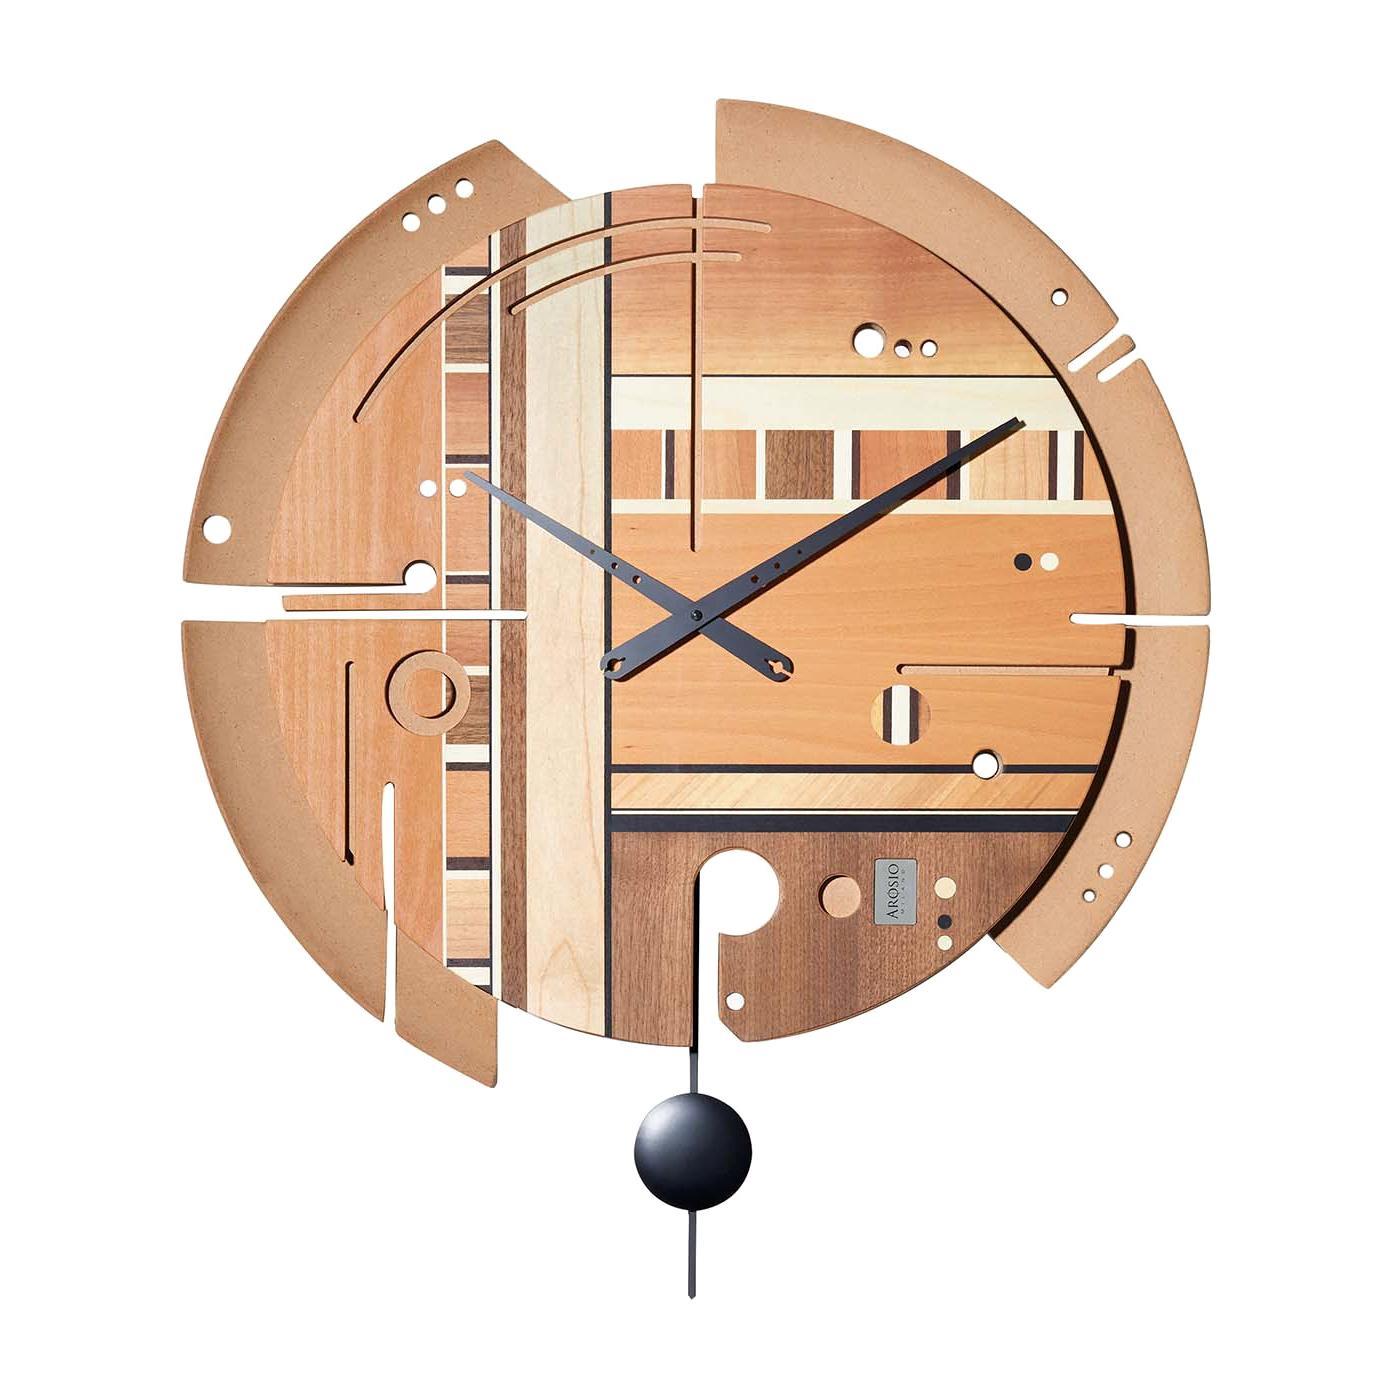 Samada Natural Clock by Arosio Milano